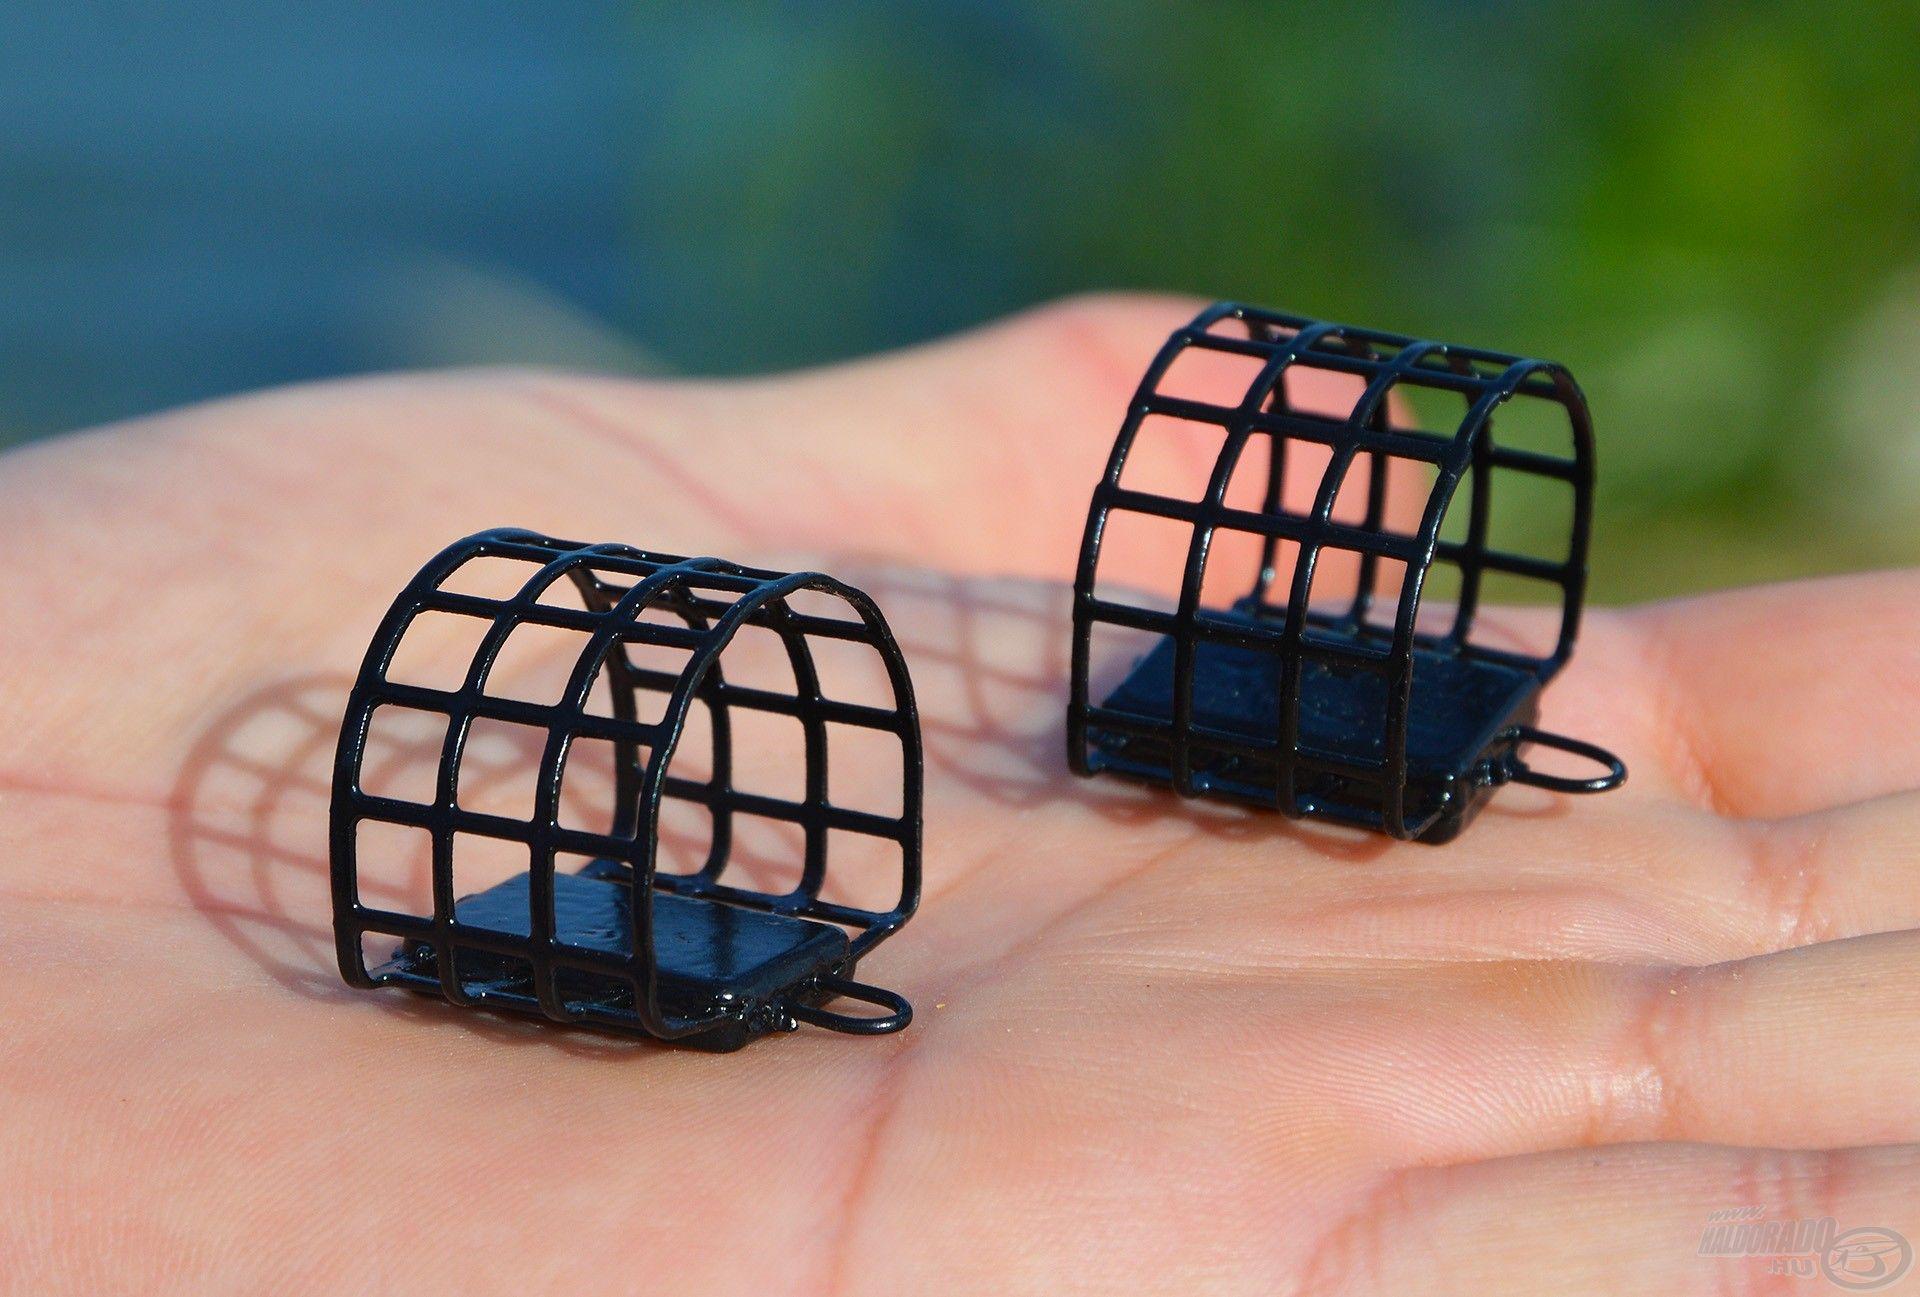 A Micro méretű változat mindössze háromsoros kis kosárka